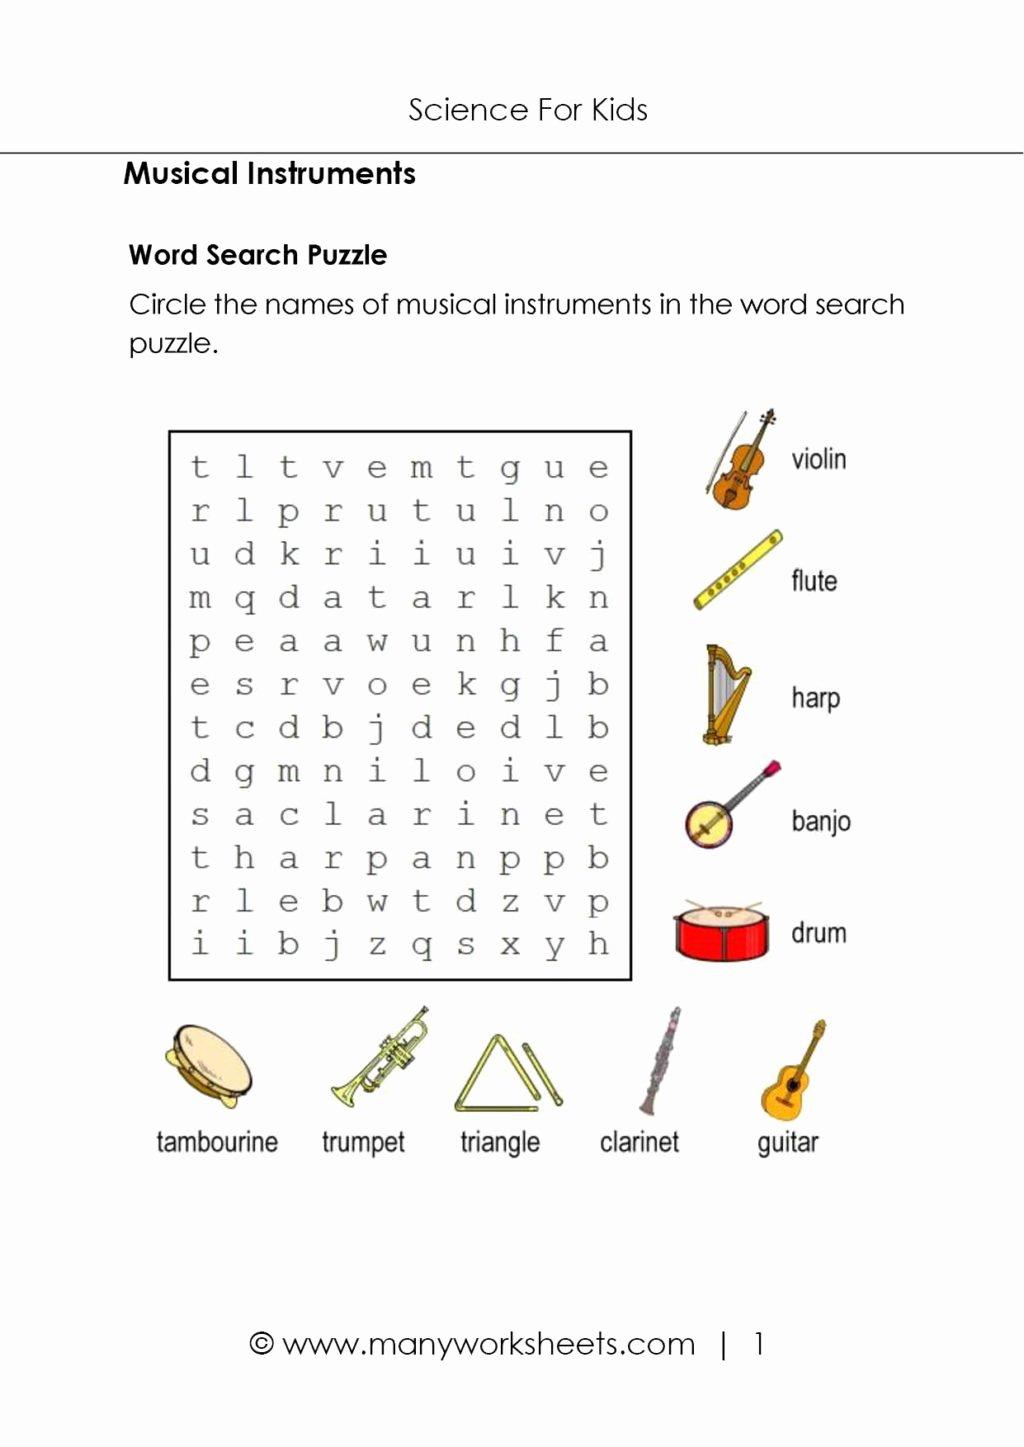 Habitat Worksheets for 1st Grade Inspirational Worksheet 1st Grade Science to Learning First Worksheets